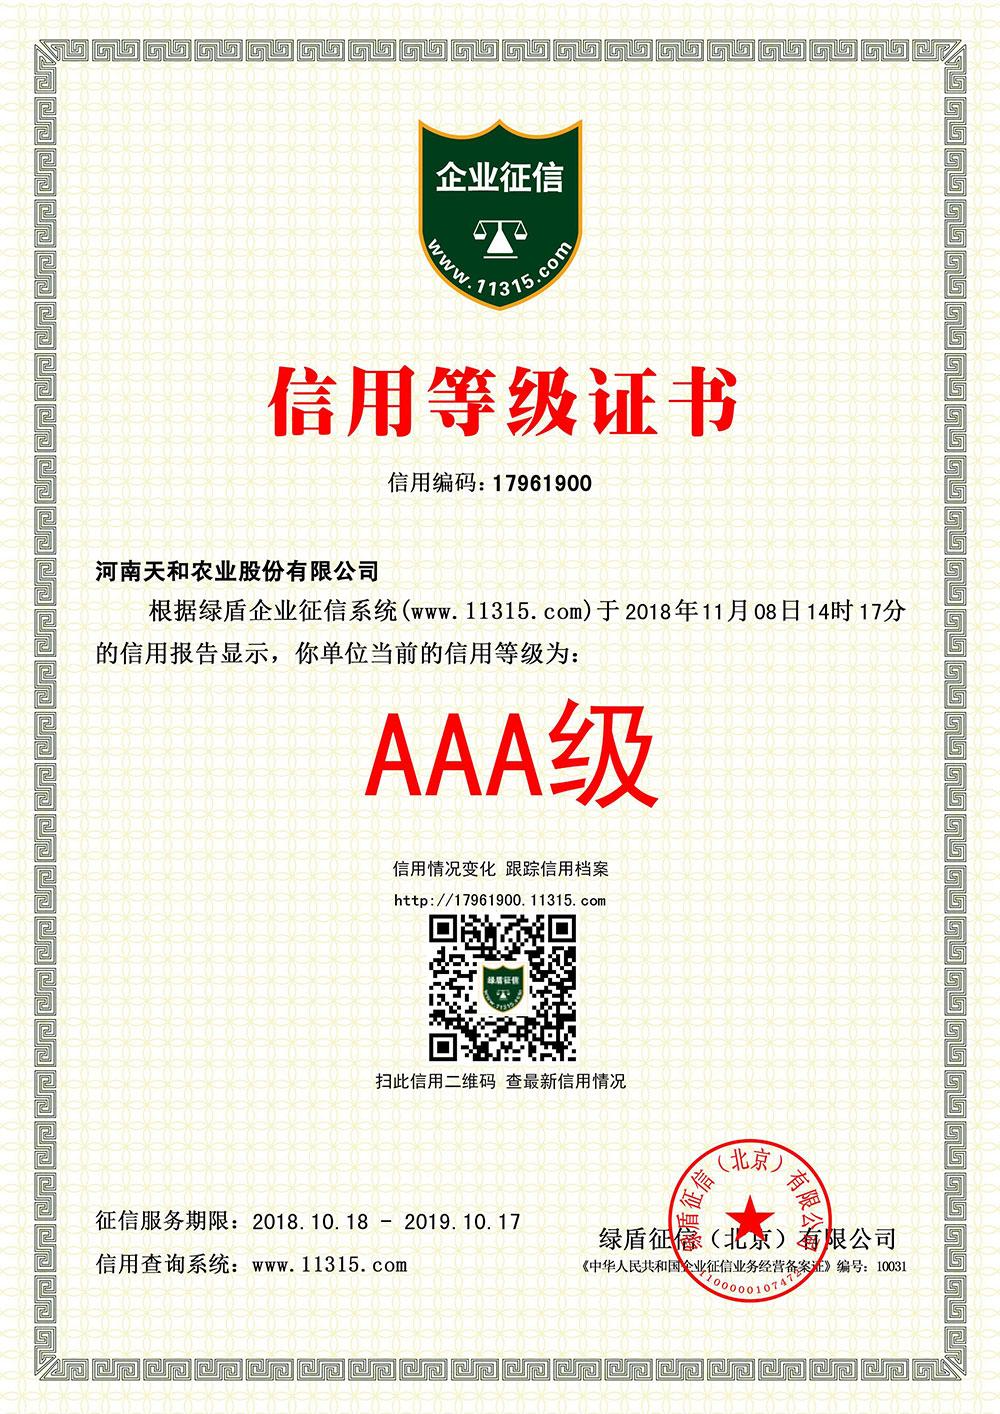 AAA信用证明新1